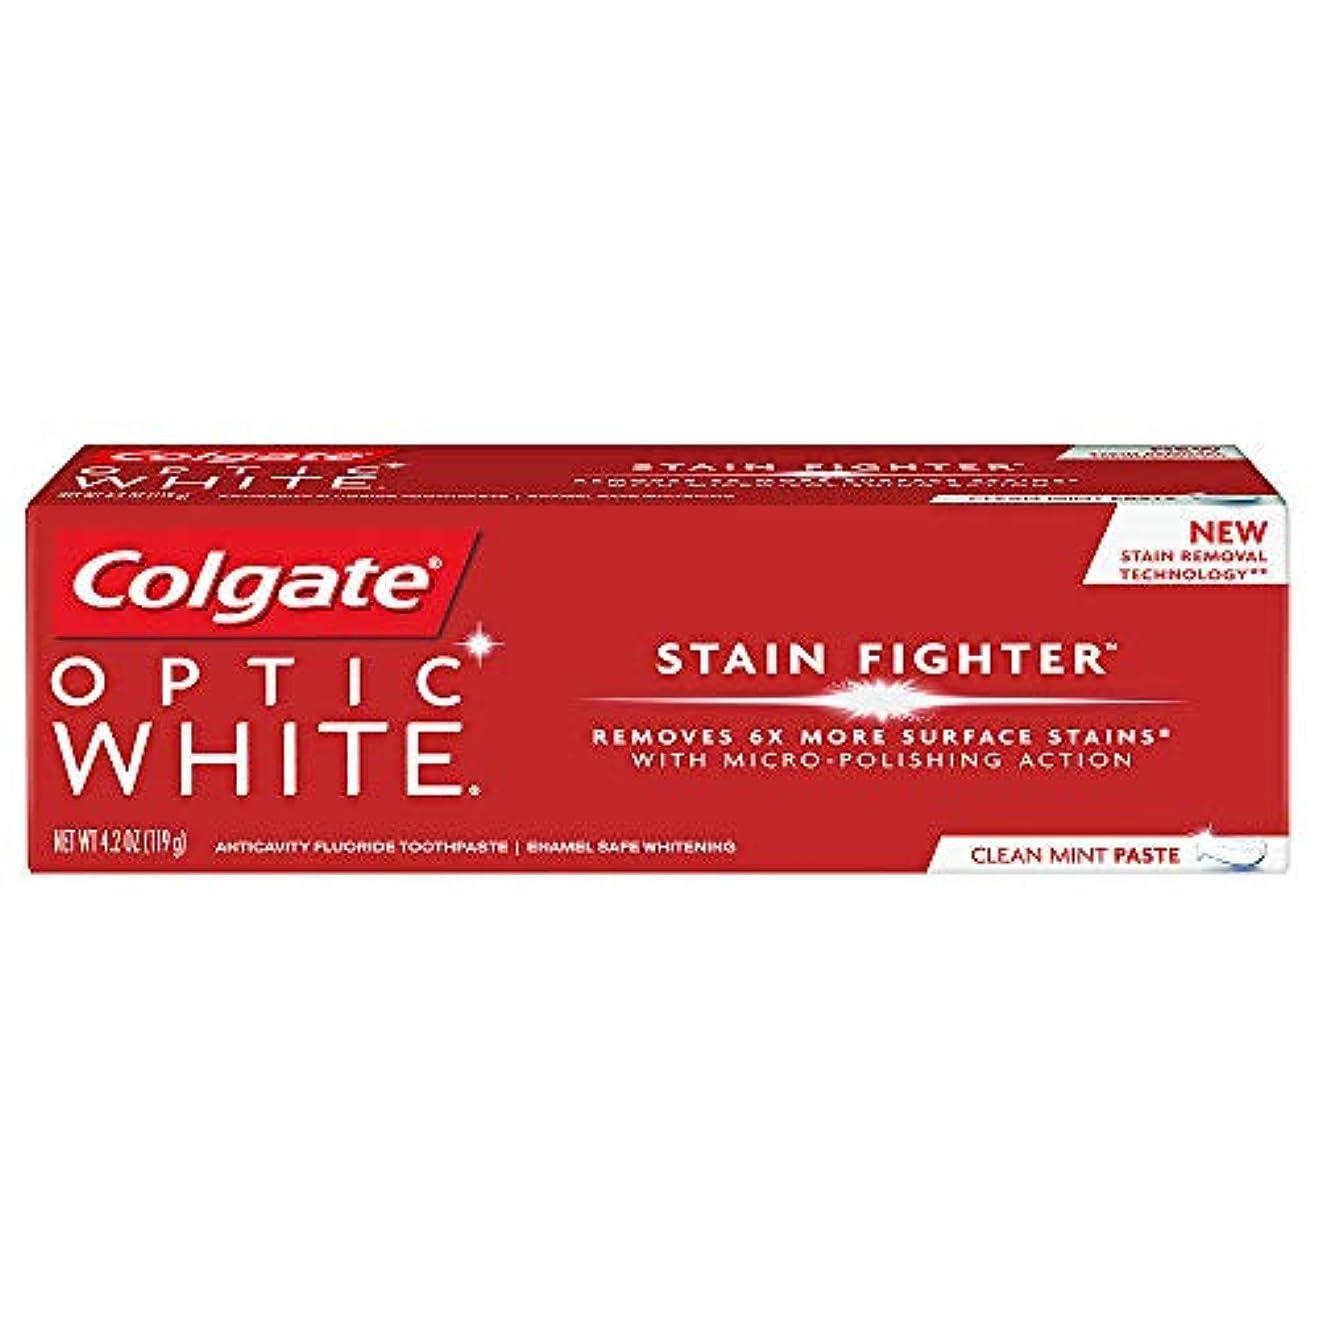 ヒロイン中間ハードコルゲート ホワイトニング Colgate 119g Optic White STAIN FIGHTER 白い歯 歯磨き粉 ミント (Clean Mint Paste)